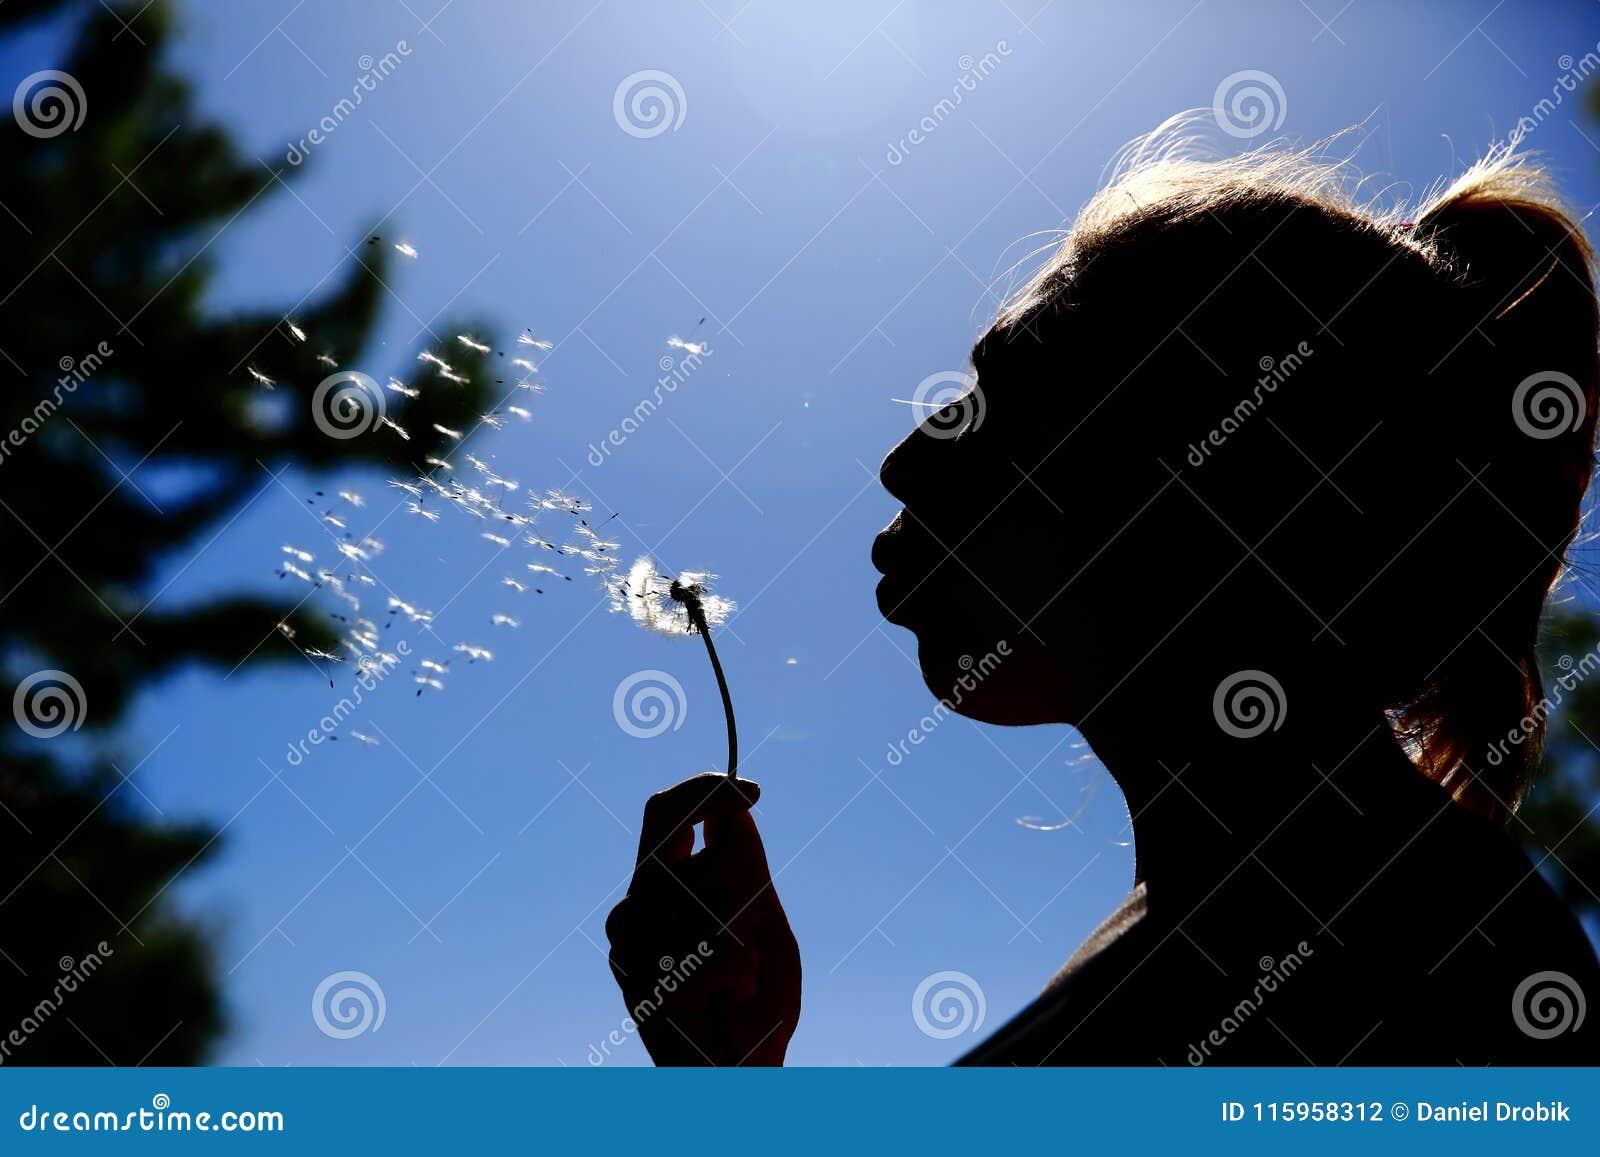 De tiener blaast en spreidt zacht de paardebloemzaden tegen de blauwe hemel uit